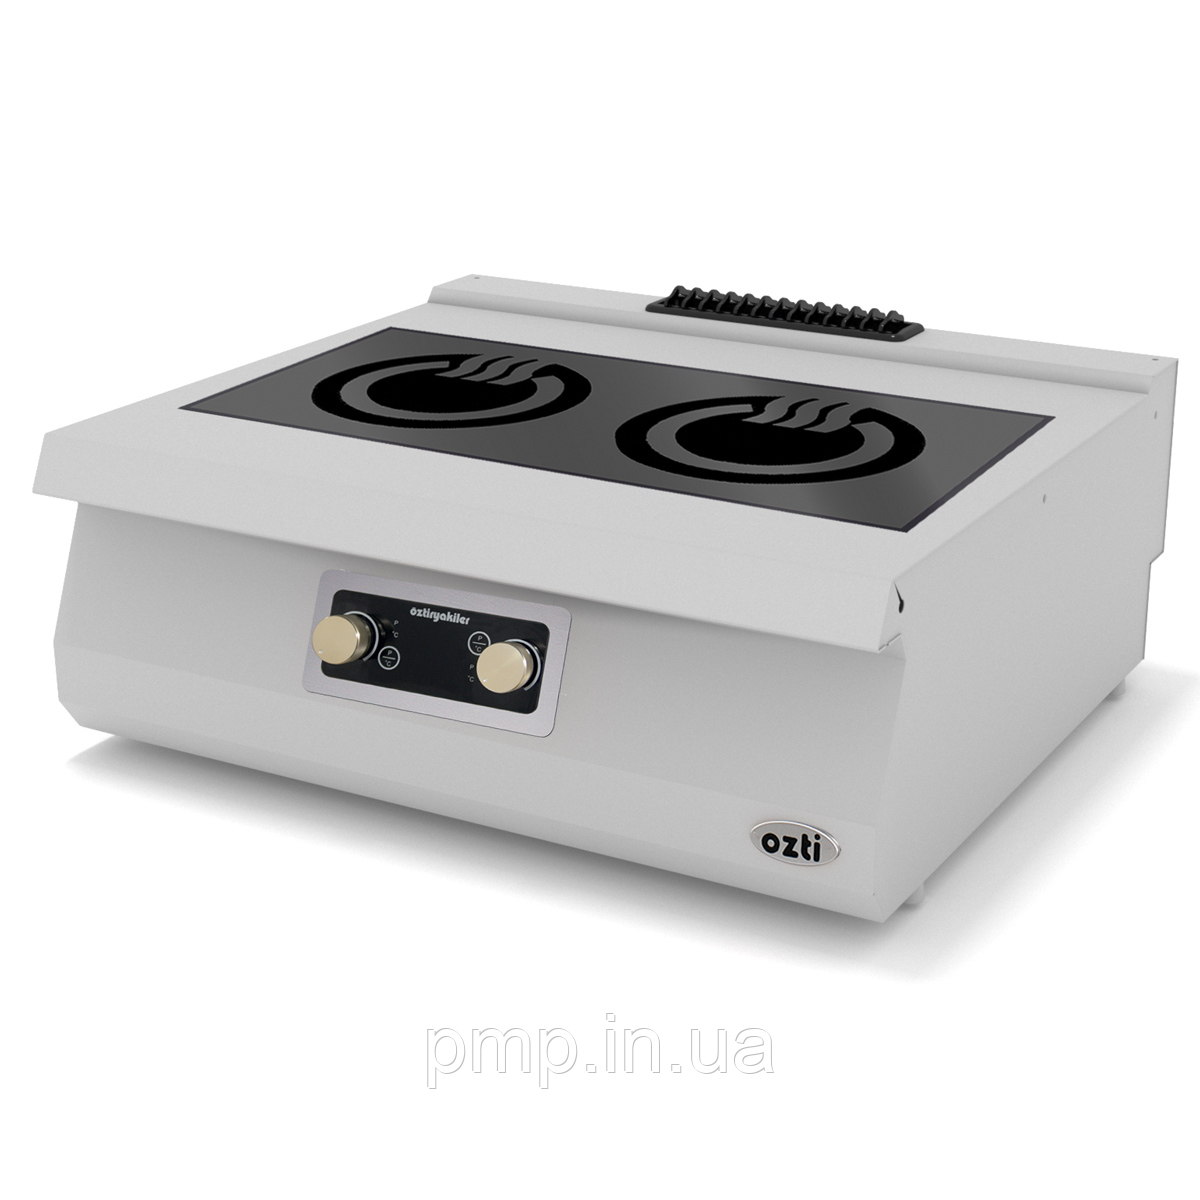 Плита индукционная Ozti OSI 8070 с 2 конфорками